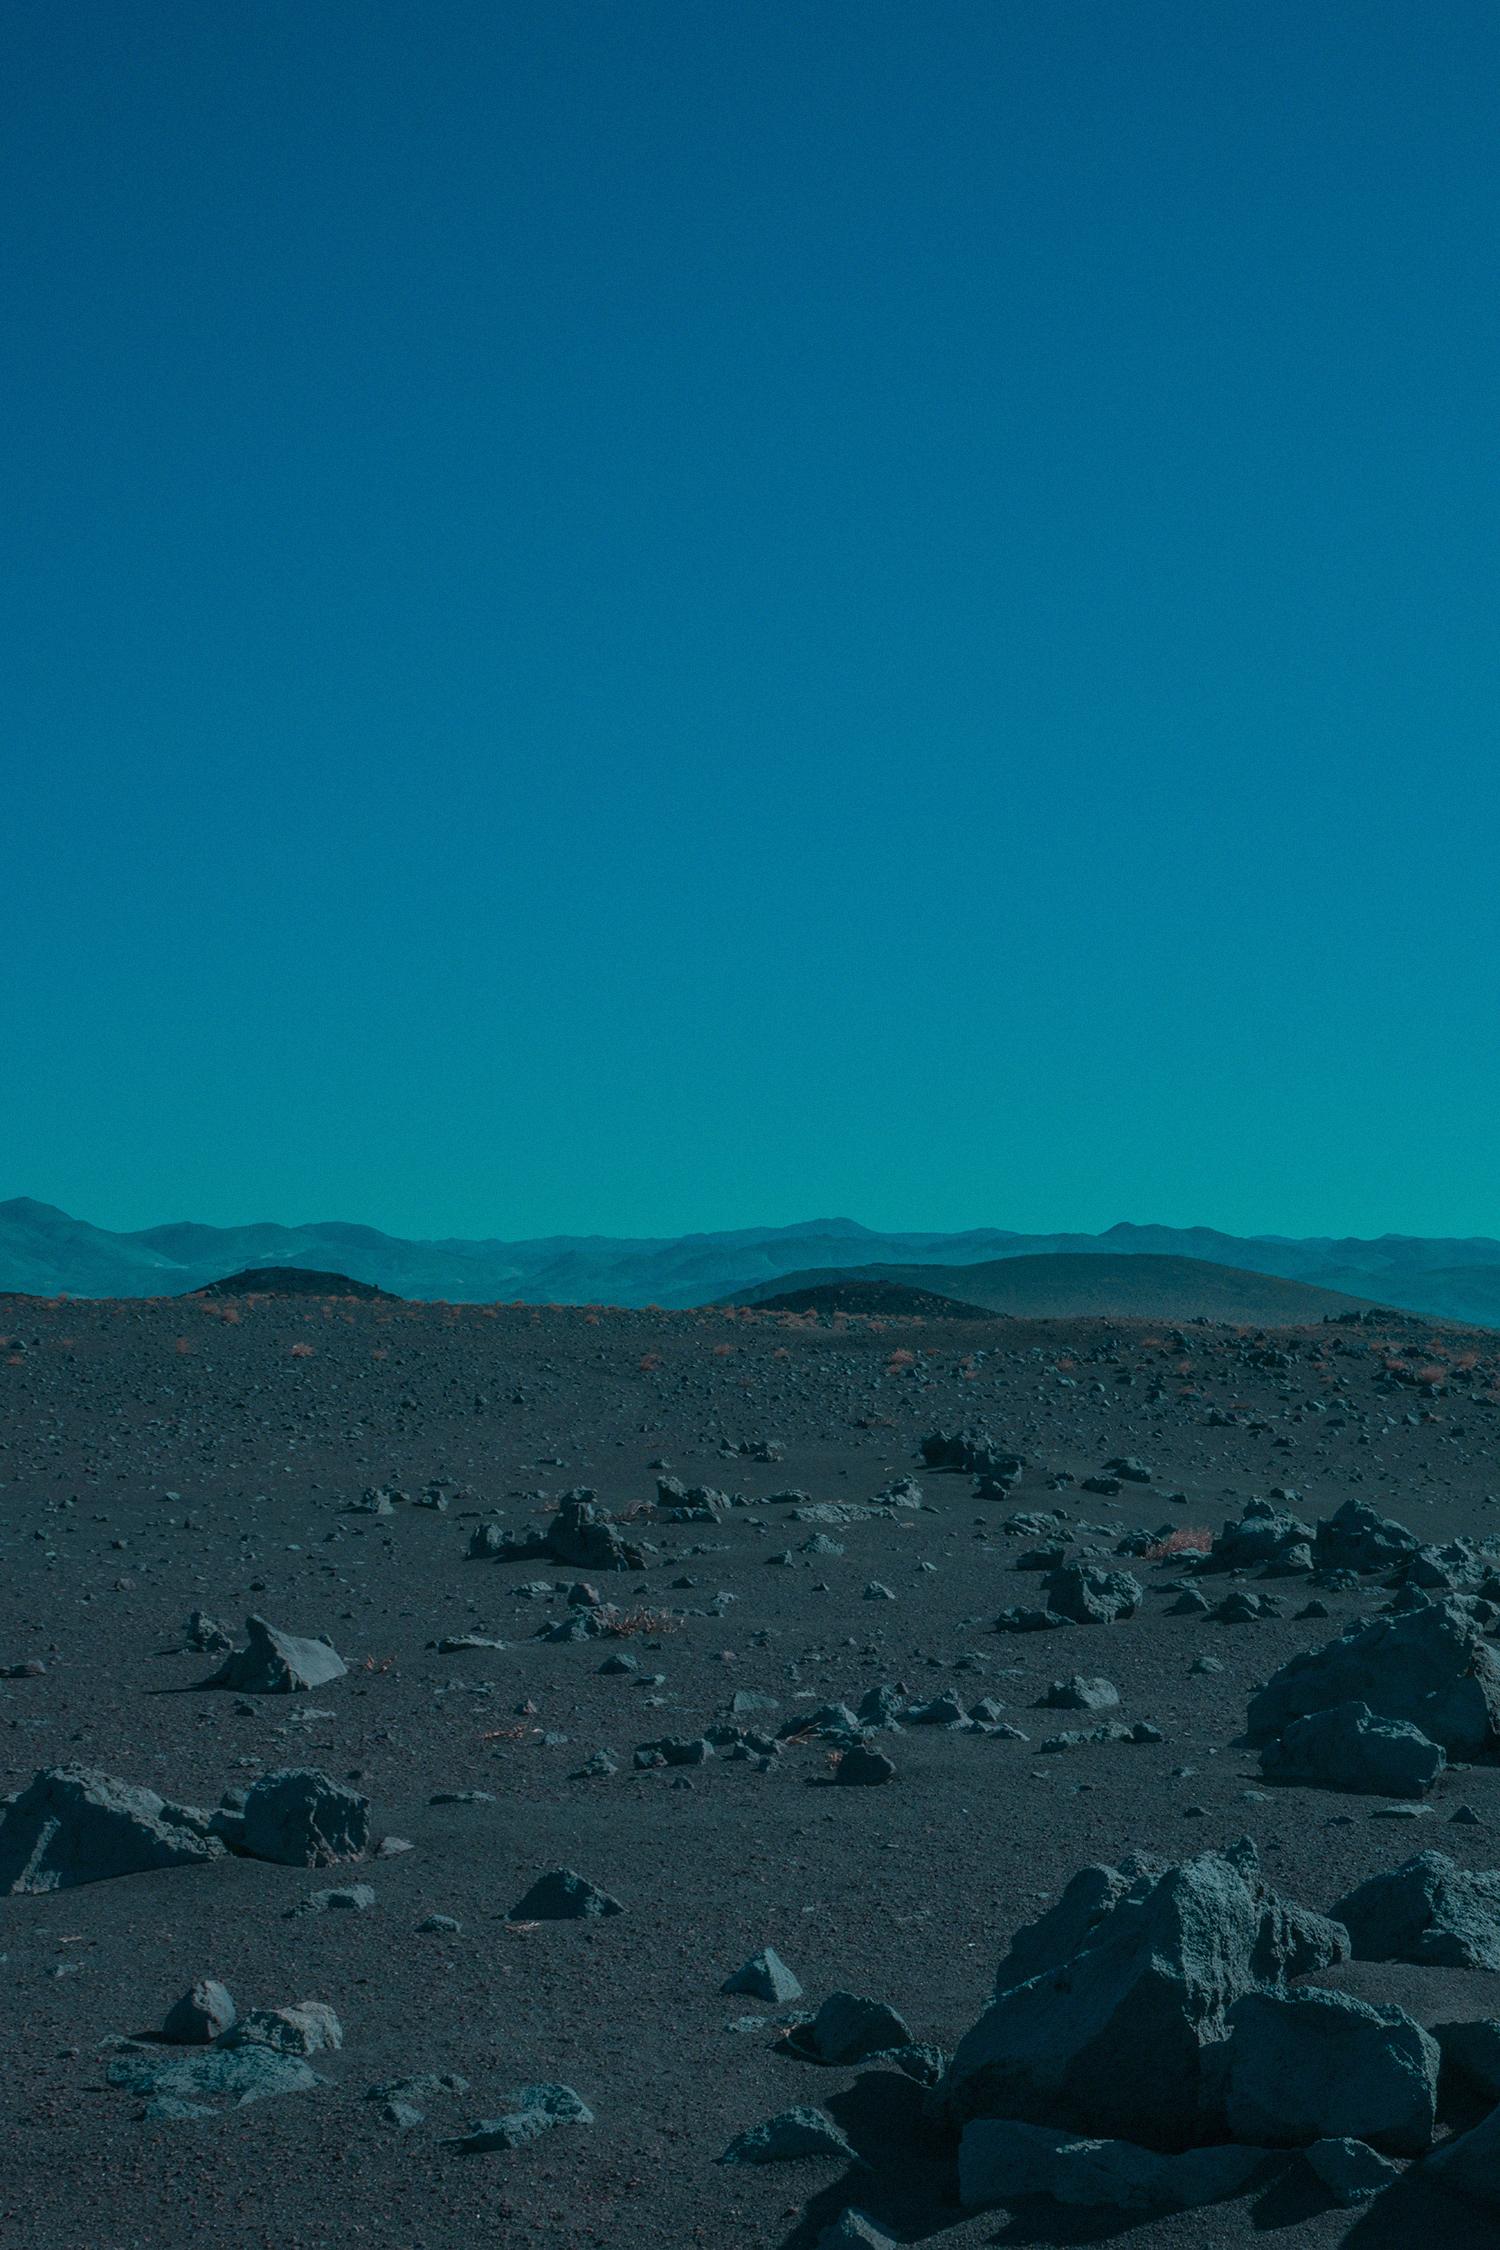 7 - Bonobo - Neil Krug.jpg